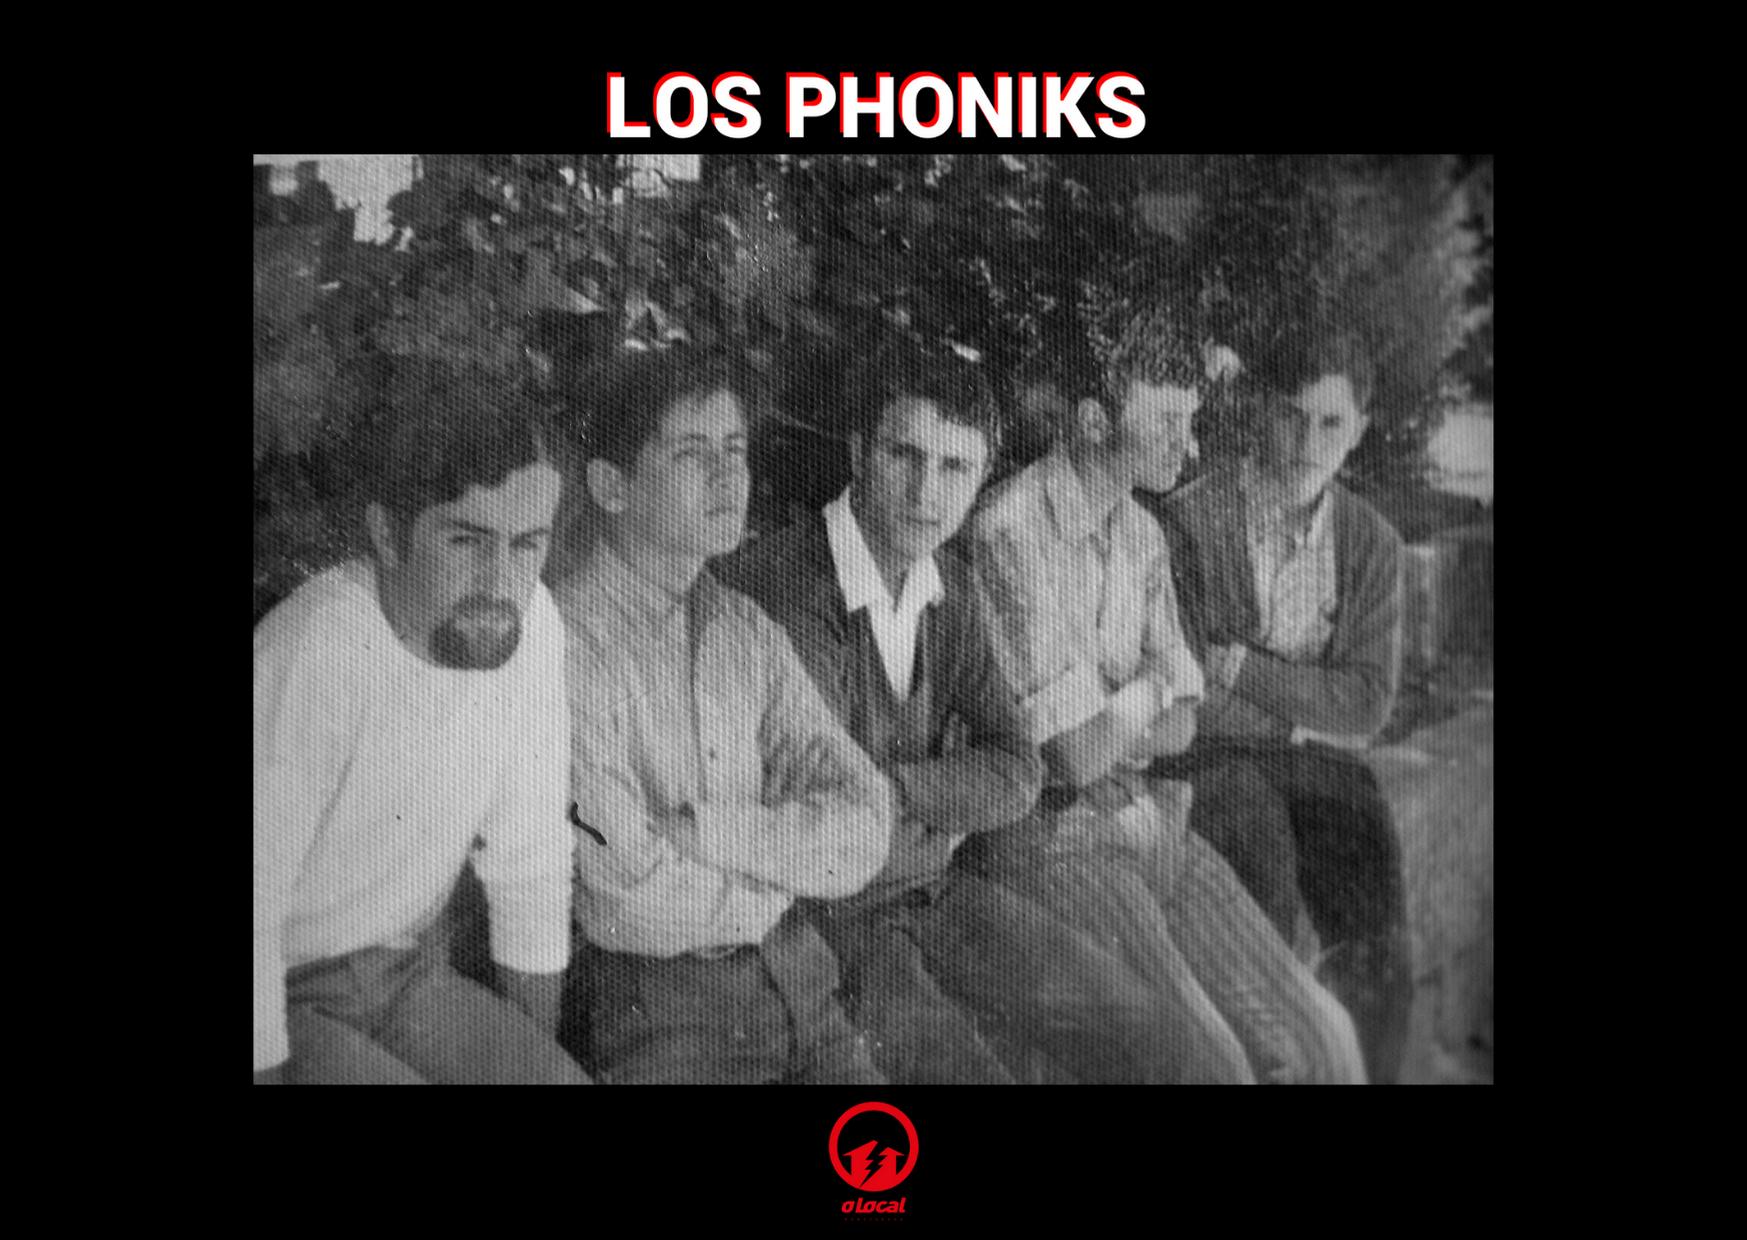 CLASE DE HISTORIA 6: LOS PHONIKS